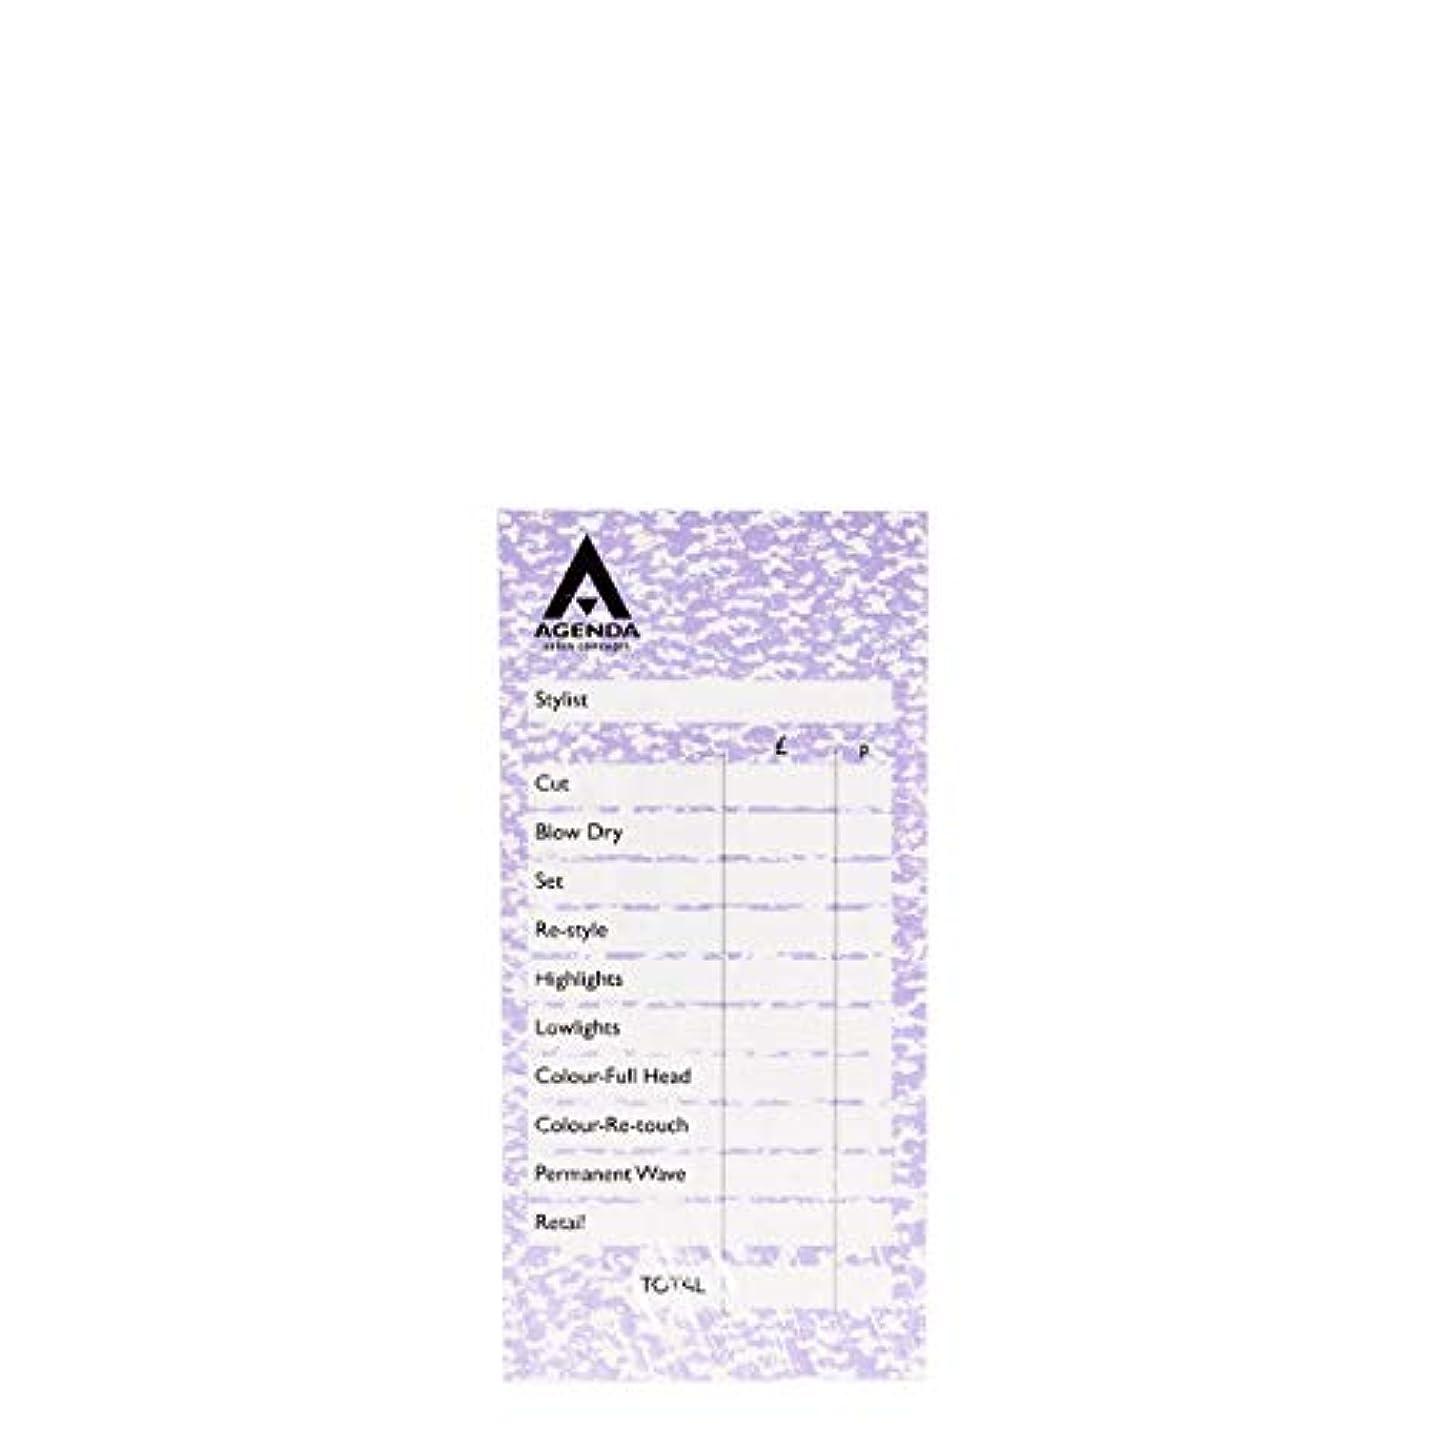 ドレイン分パーセントアジェンダ サロンコンセプト チェックパッドモーブ6x100リーフ[海外直送品] [並行輸入品]